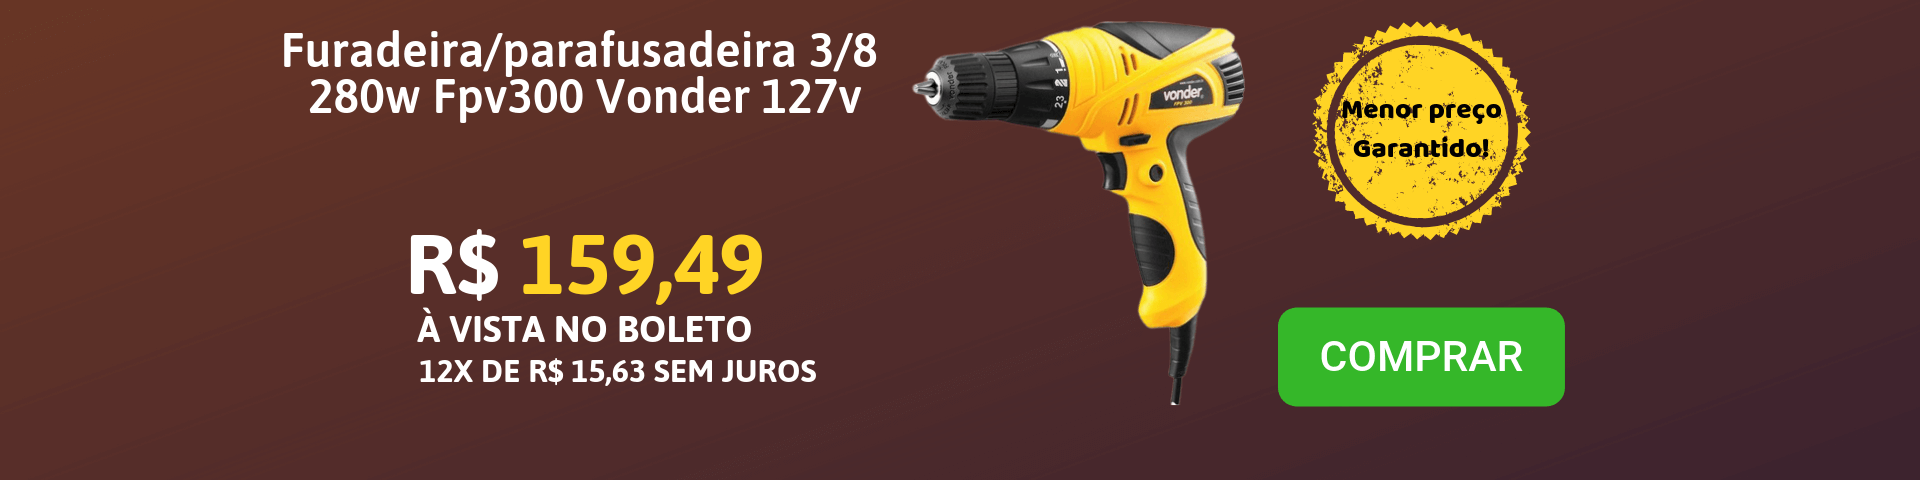 https://www.albania10.com.br/produto/furadeiraparafusadeira-38-280w-fpv300-vonder-127v.html